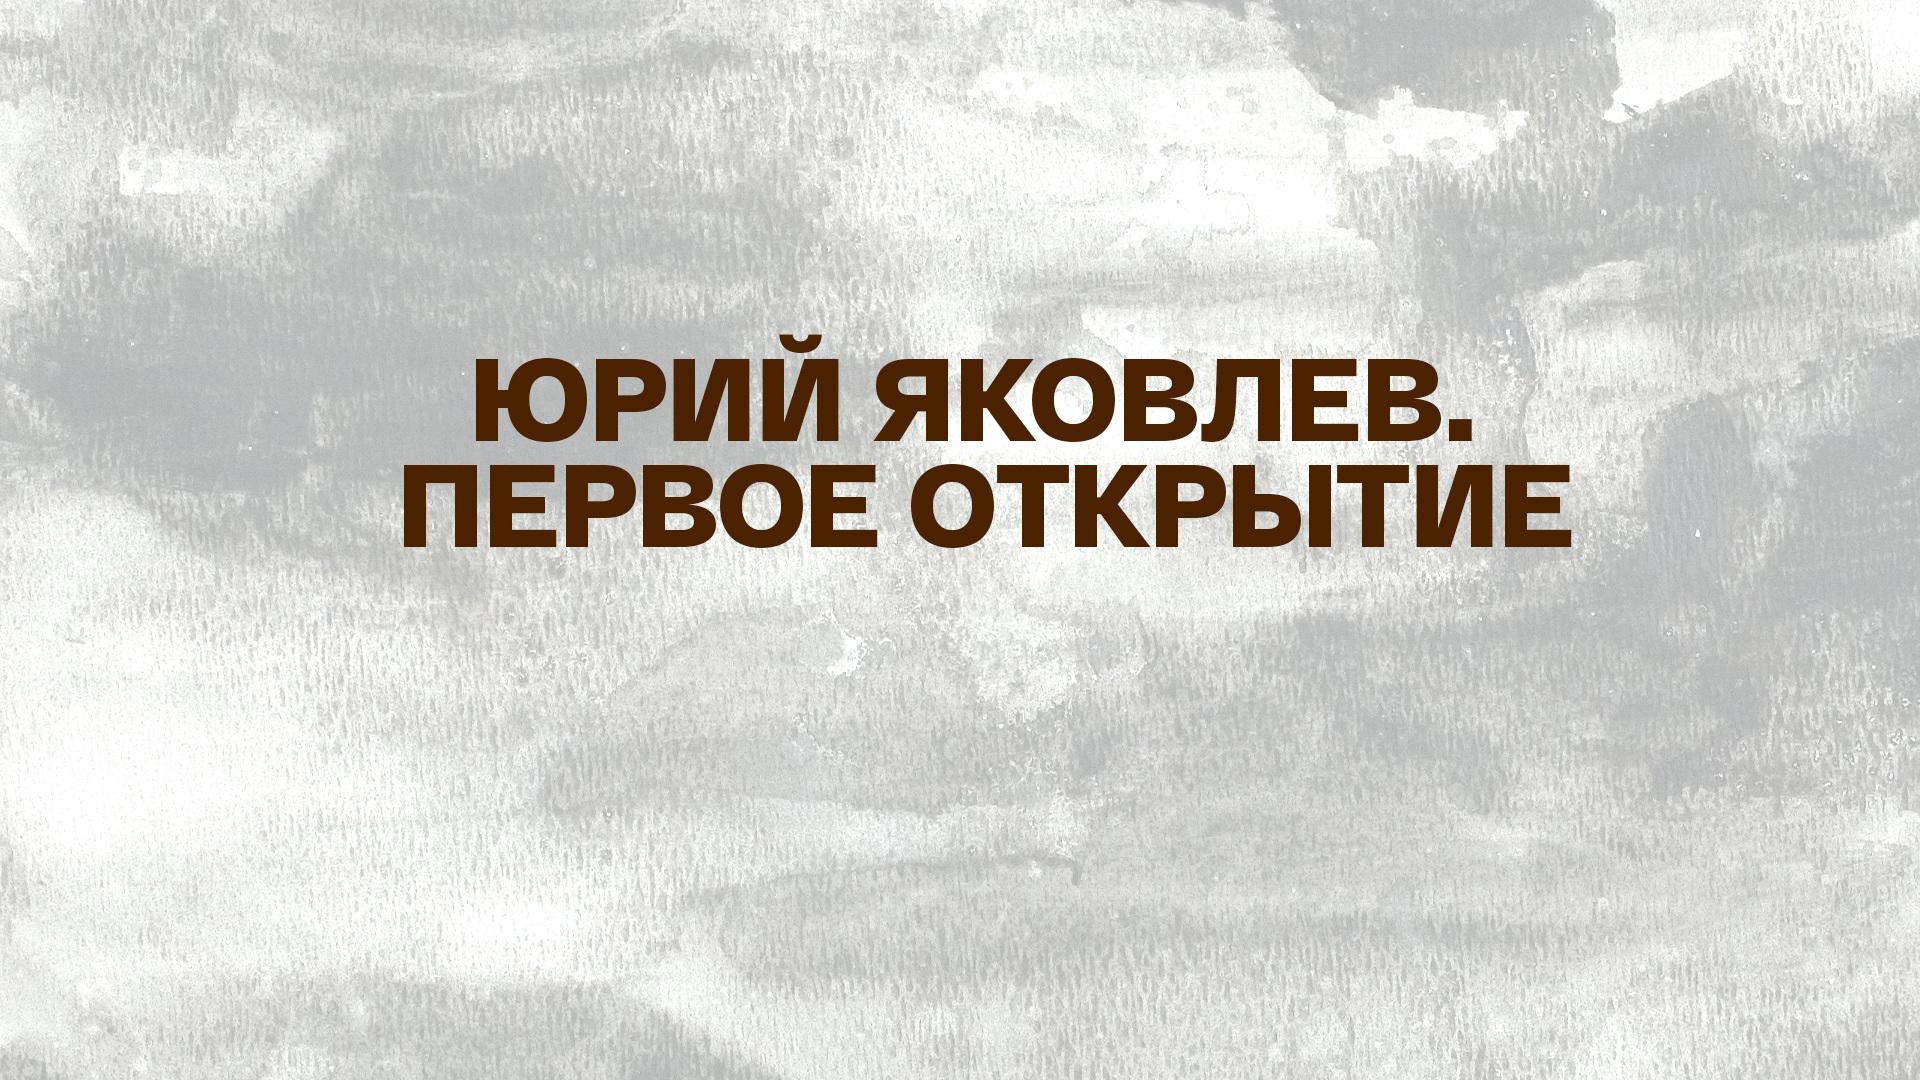 Юрий Яковлев. Первое открытие